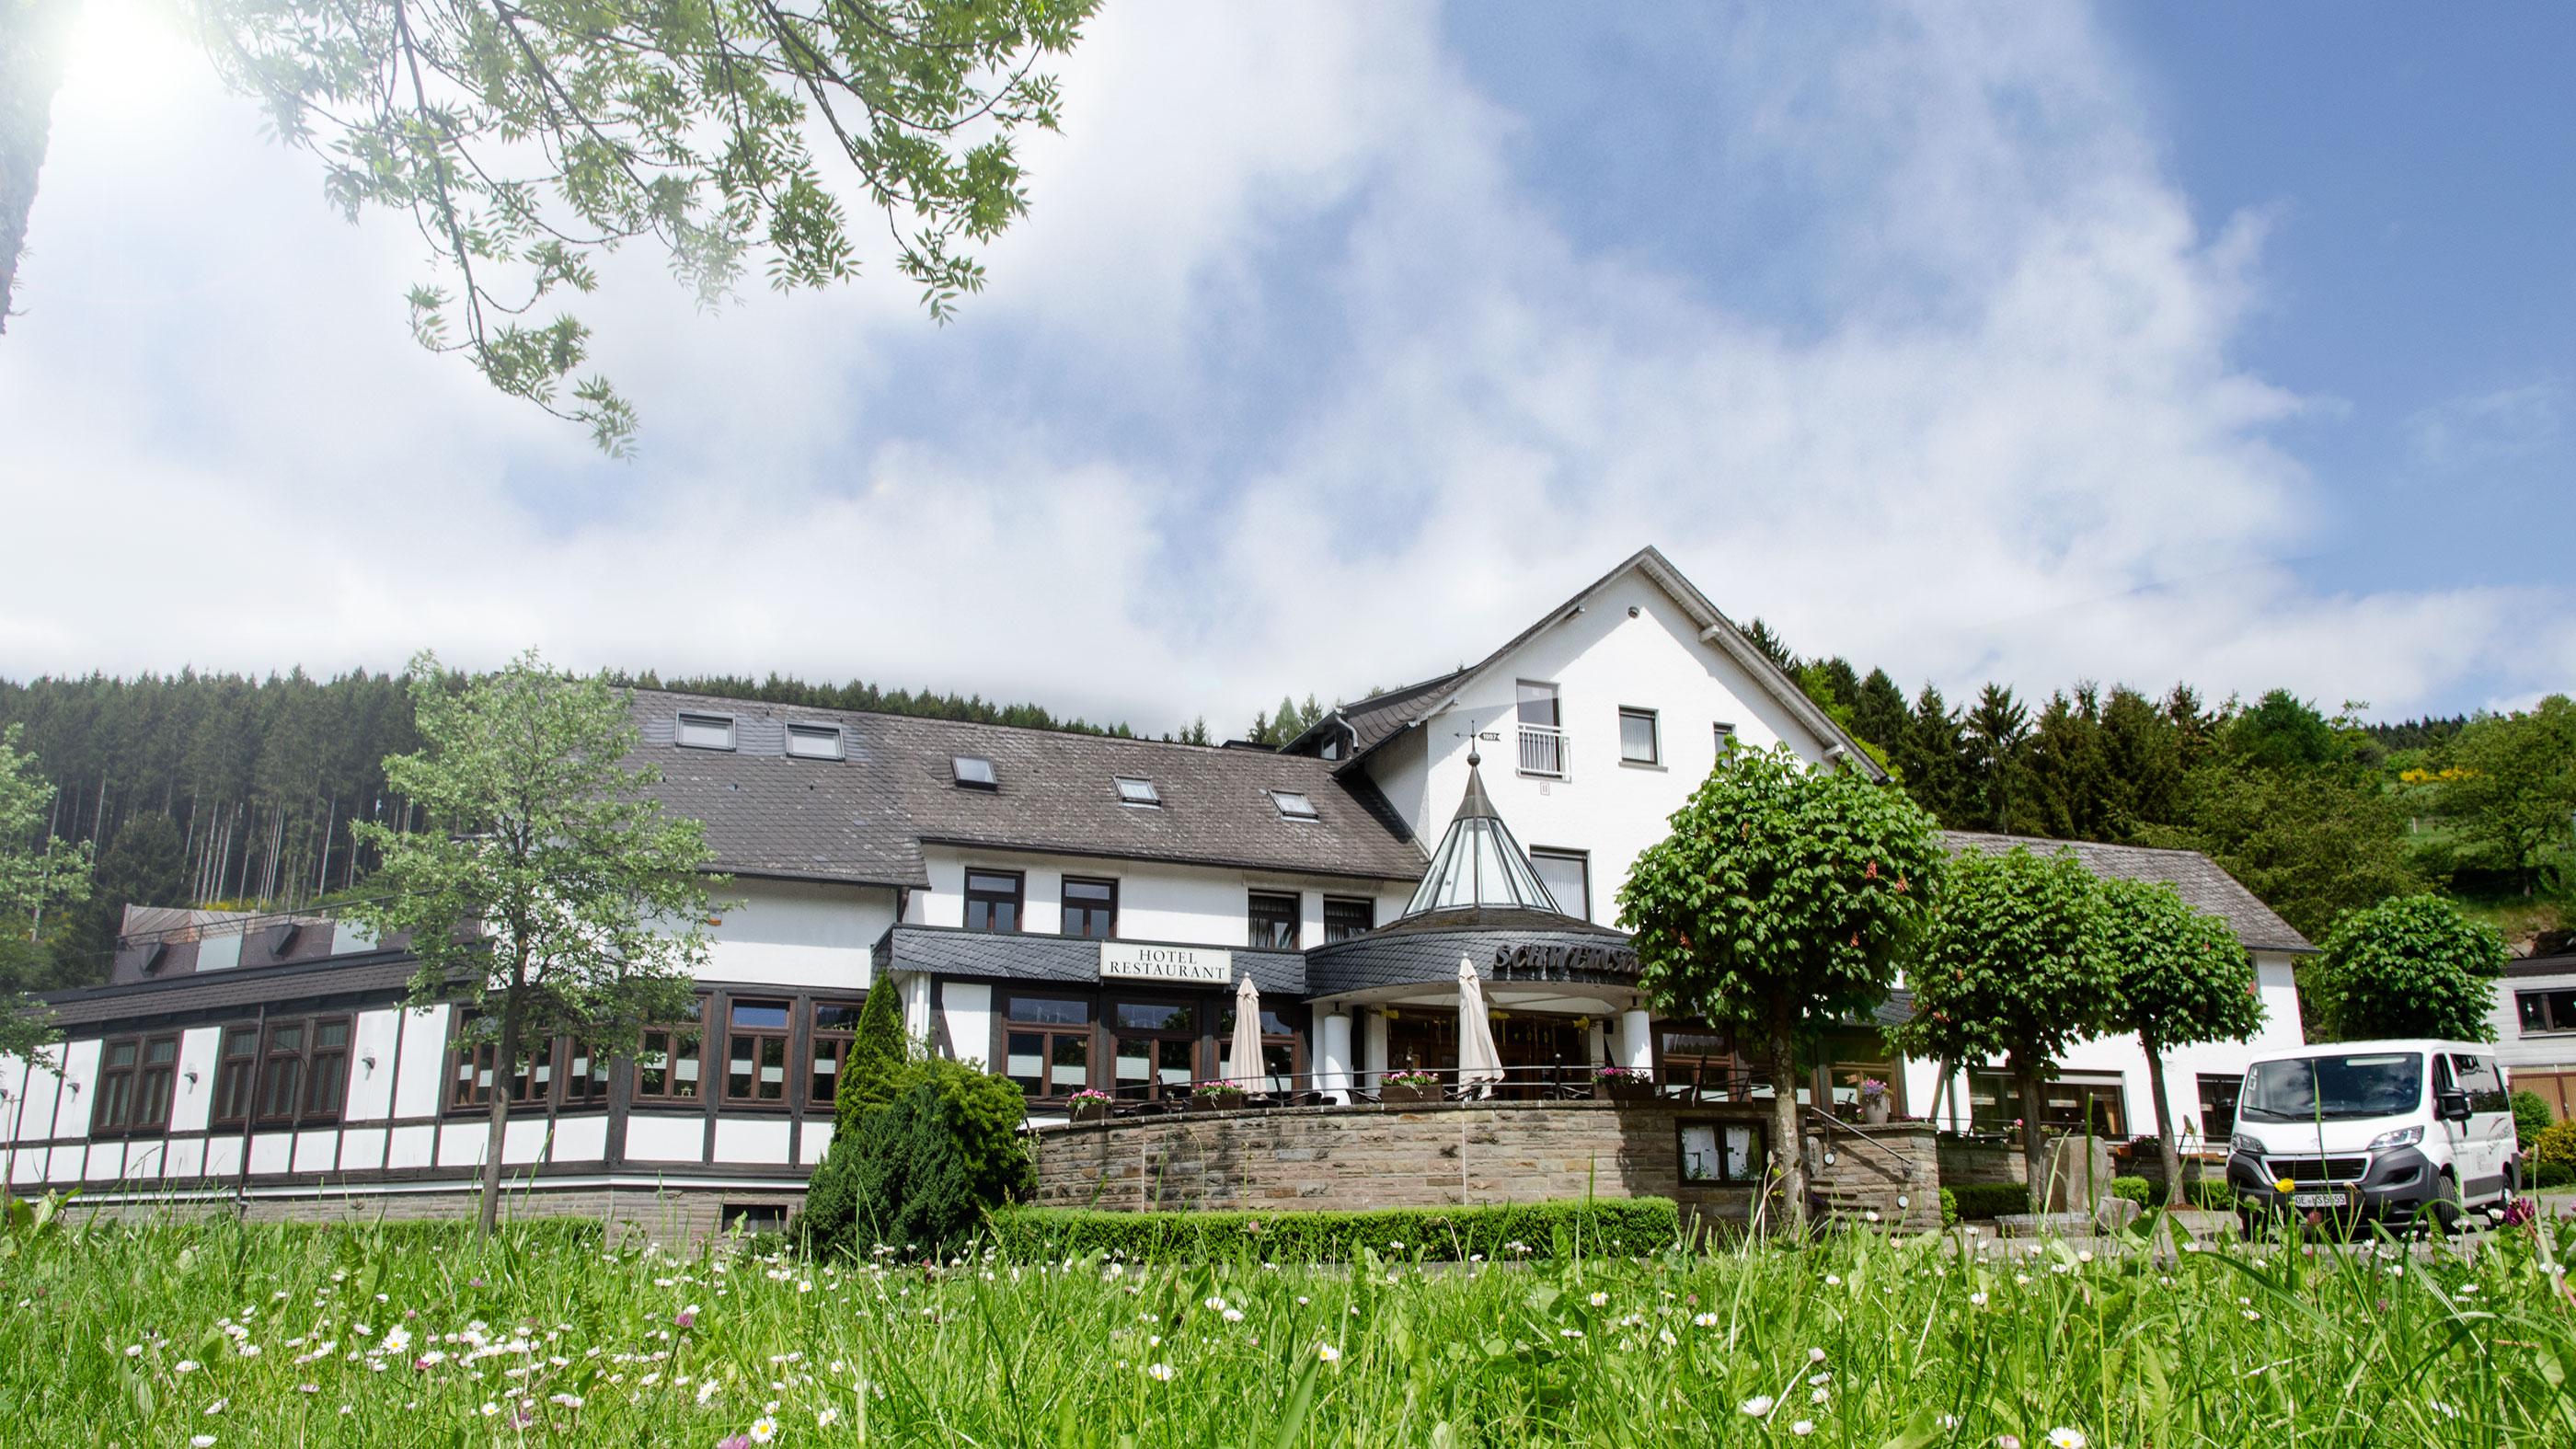 Hotel_schweinsberg